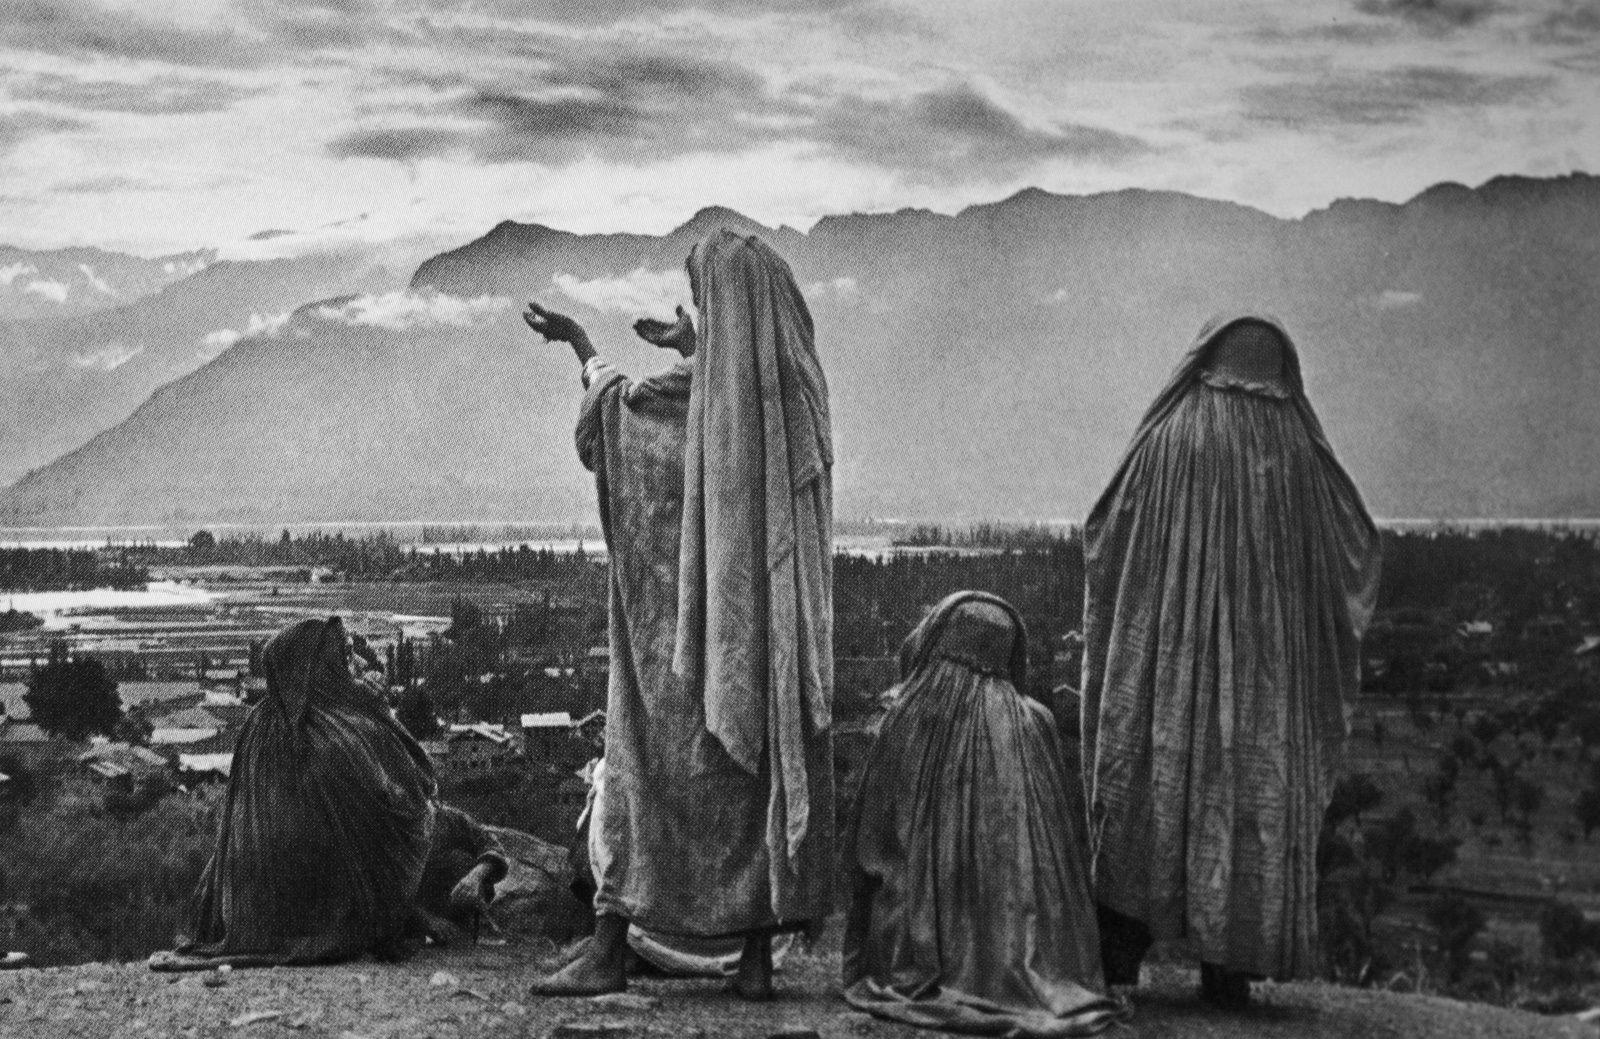 Srinagar, 1948